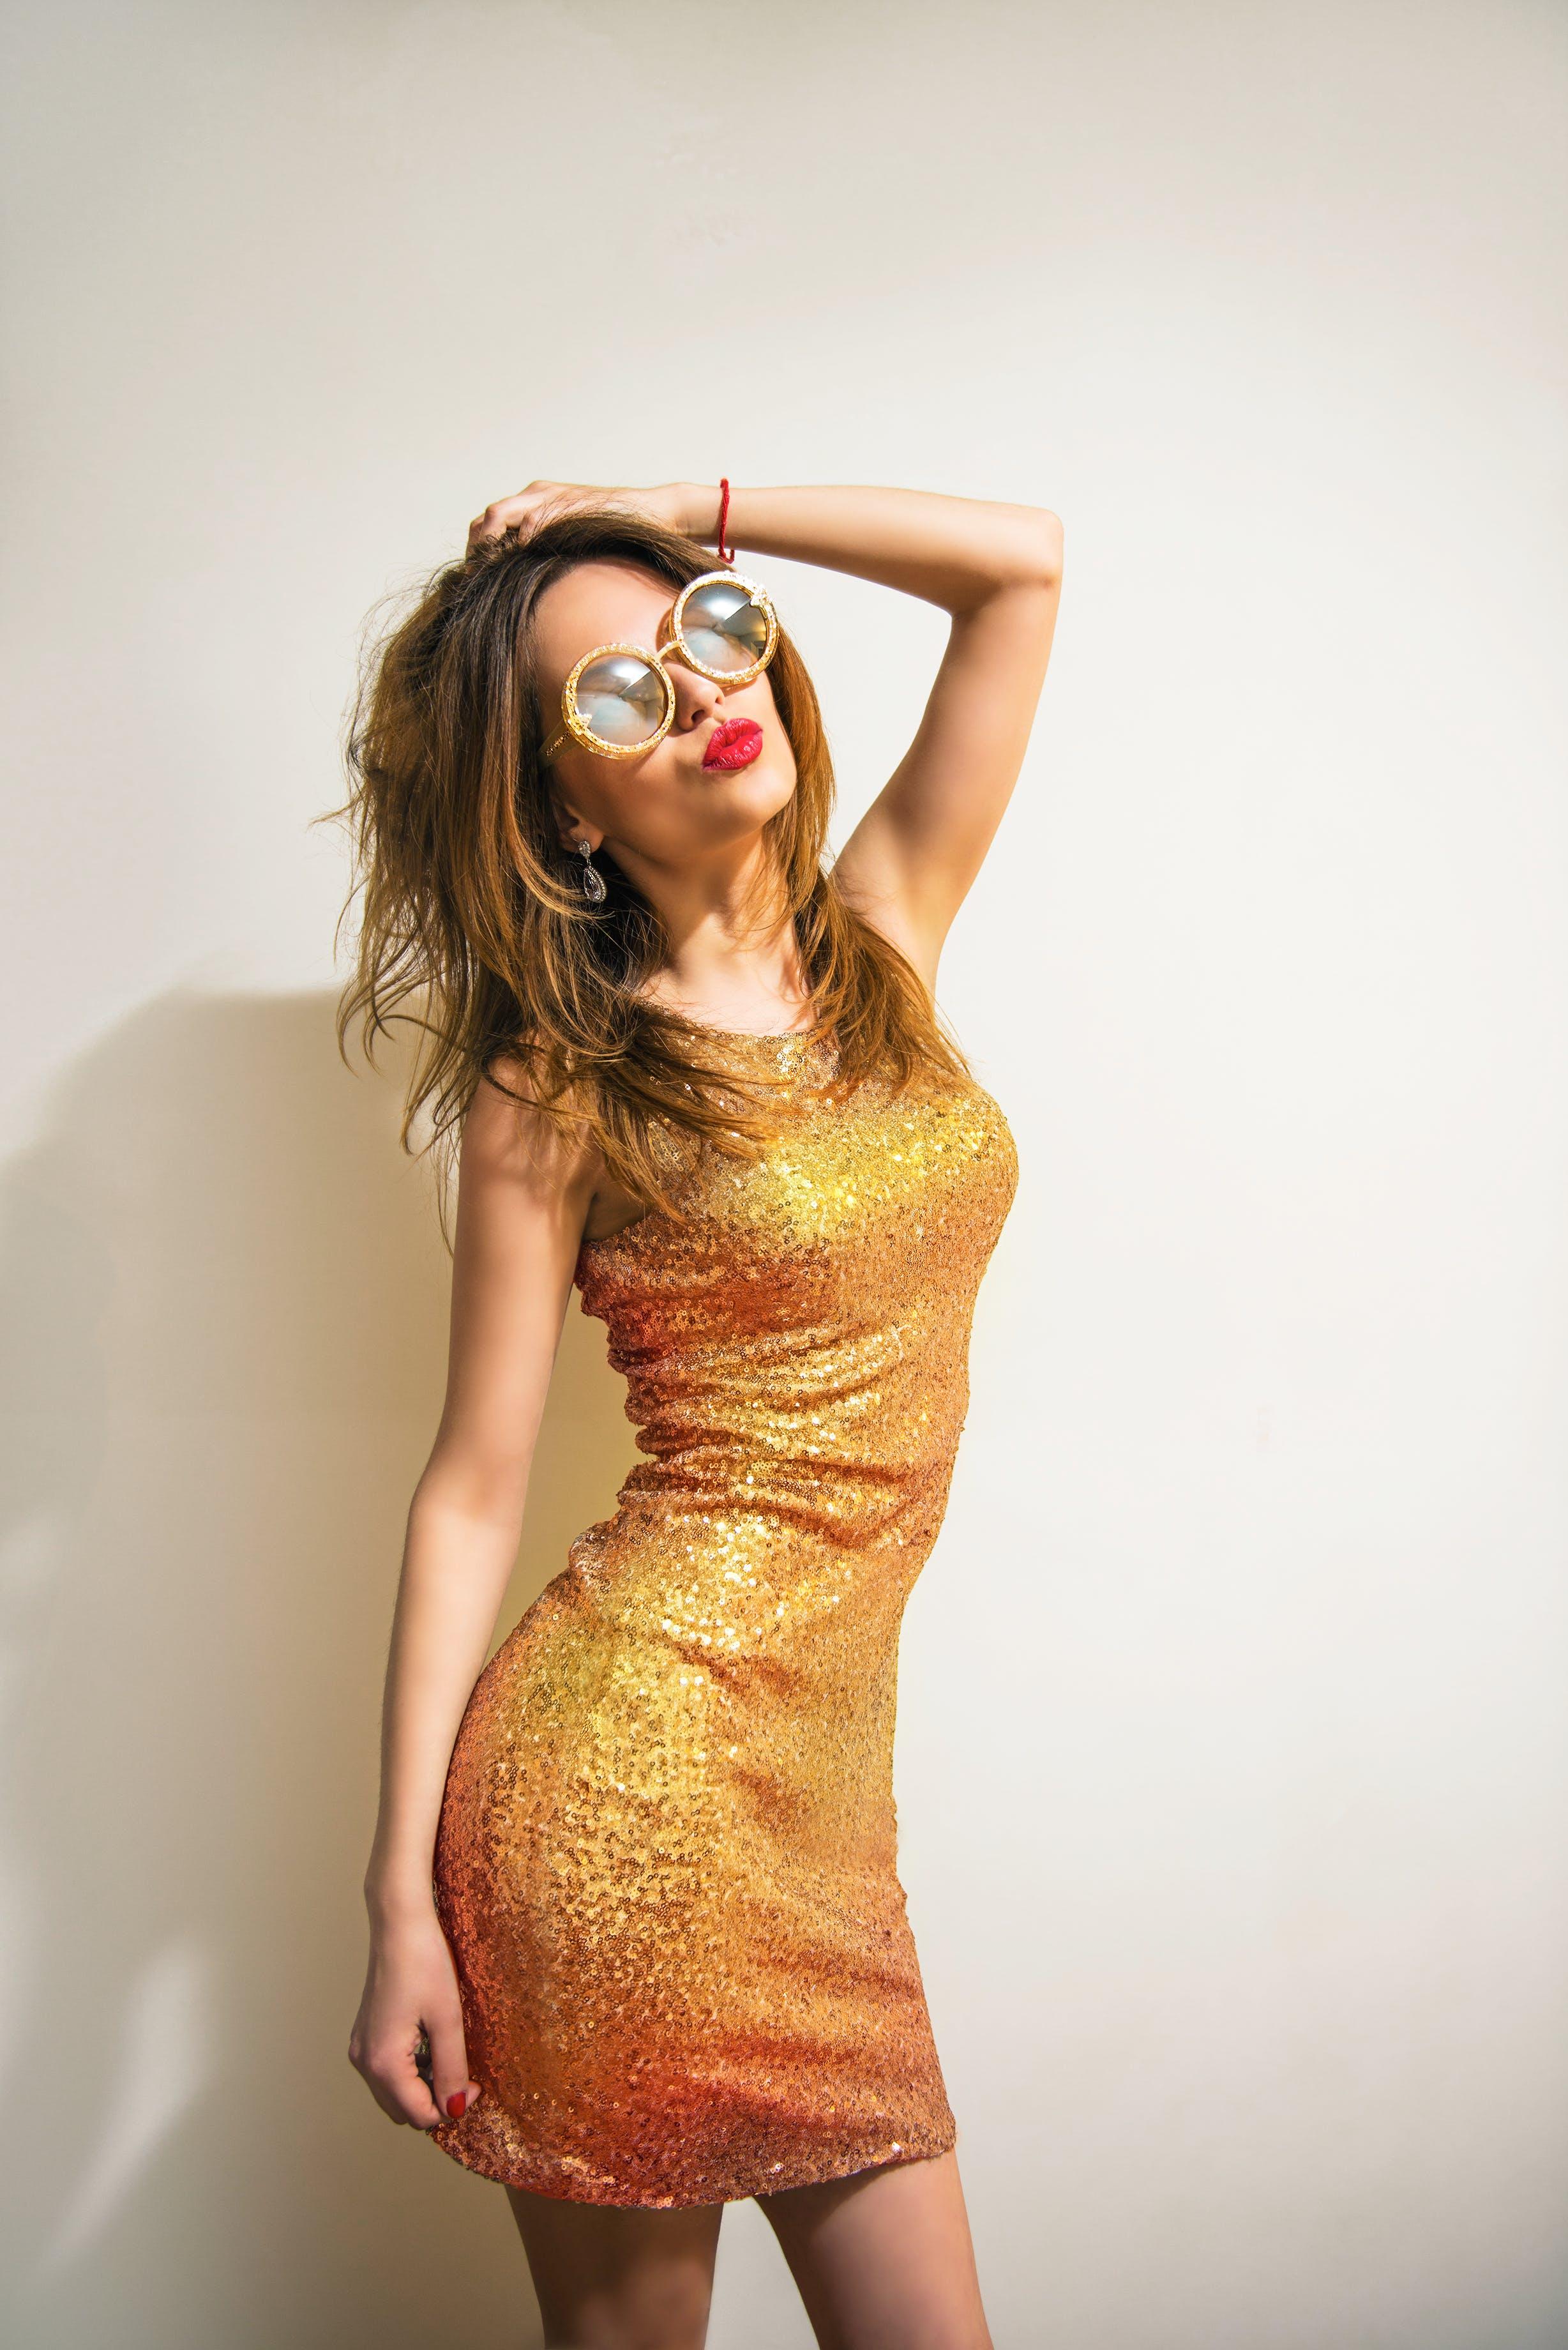 Woman Wearing Gold Sleeveless Mini Dress